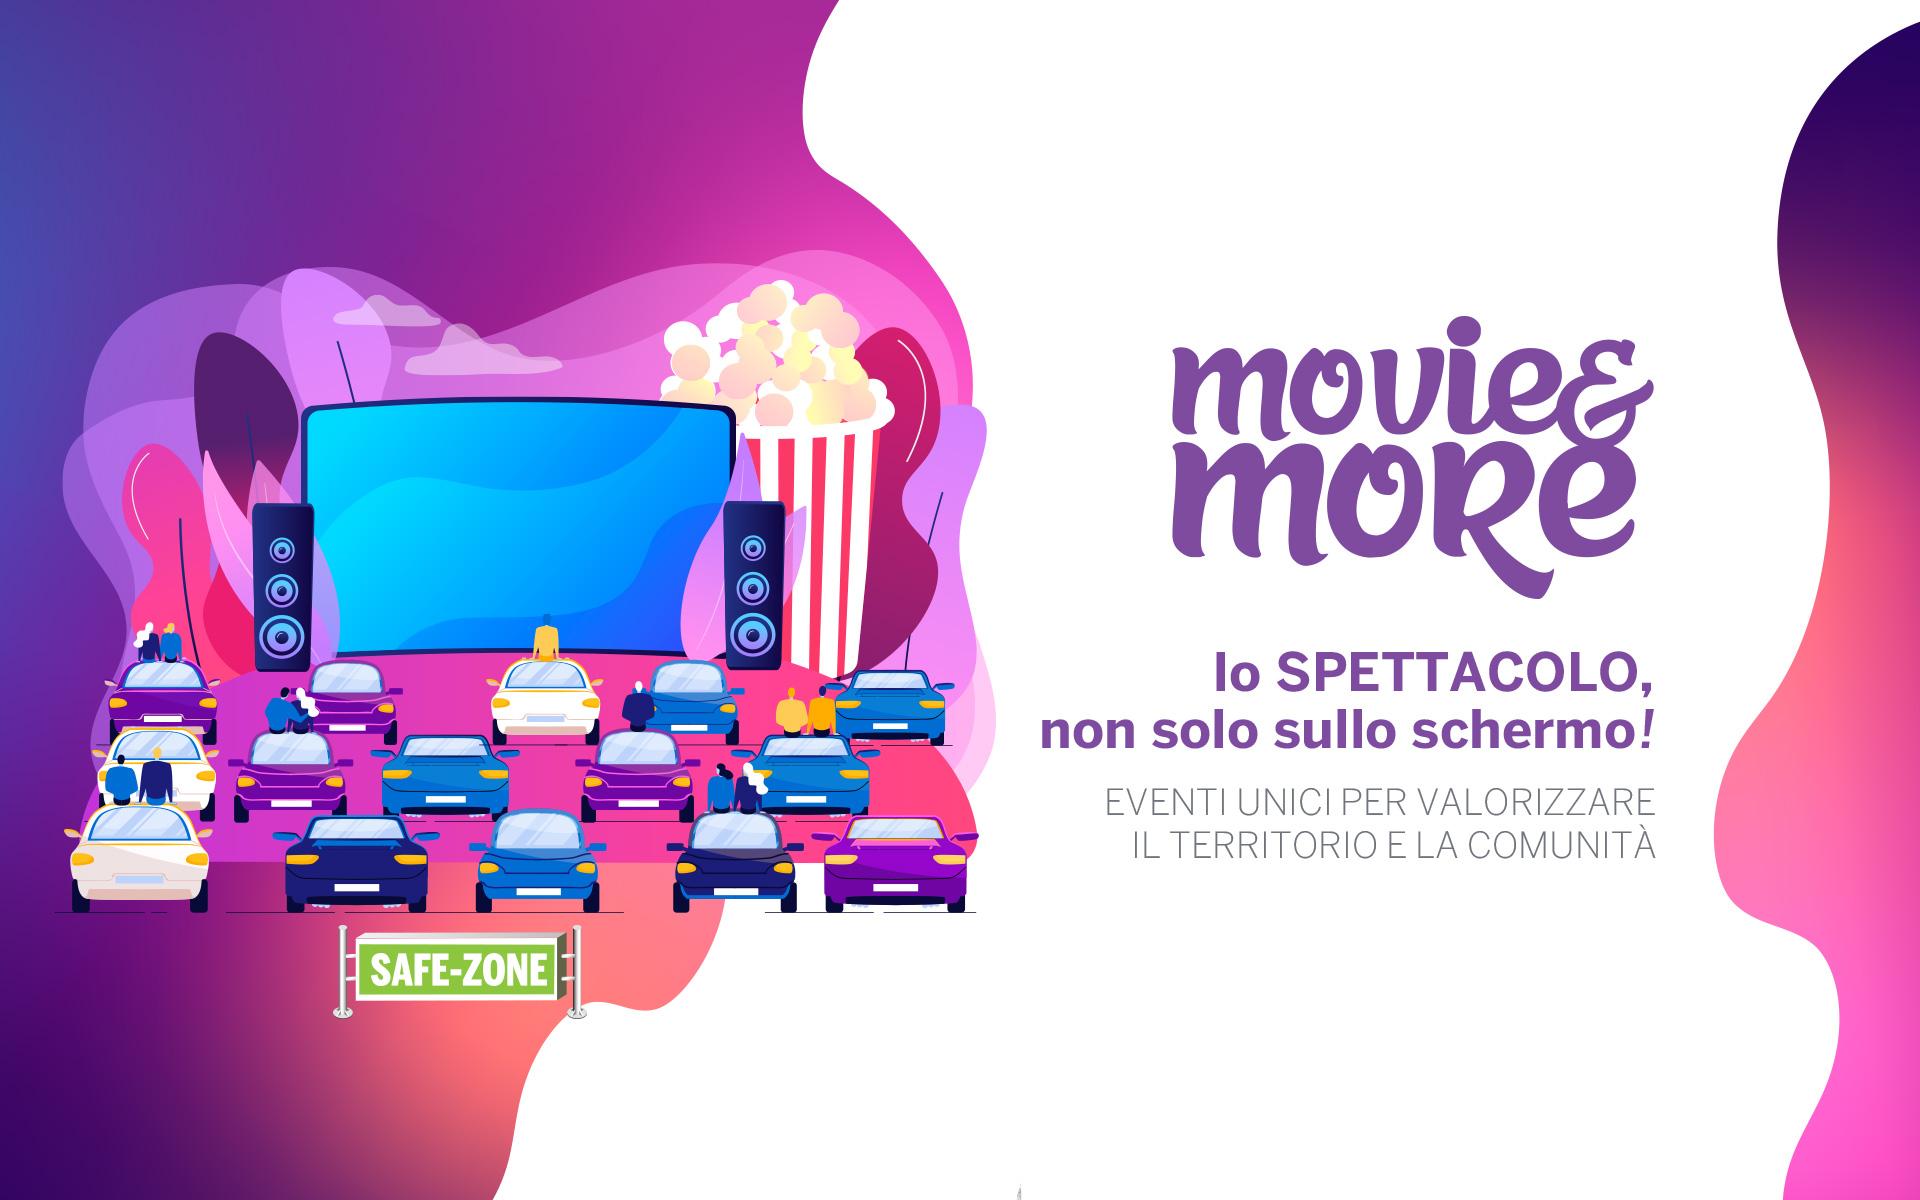 Movie&More - Maia Eventi - eventi per valorizzare territorio e comunità - Lo spettacolo non solo sullo schermo